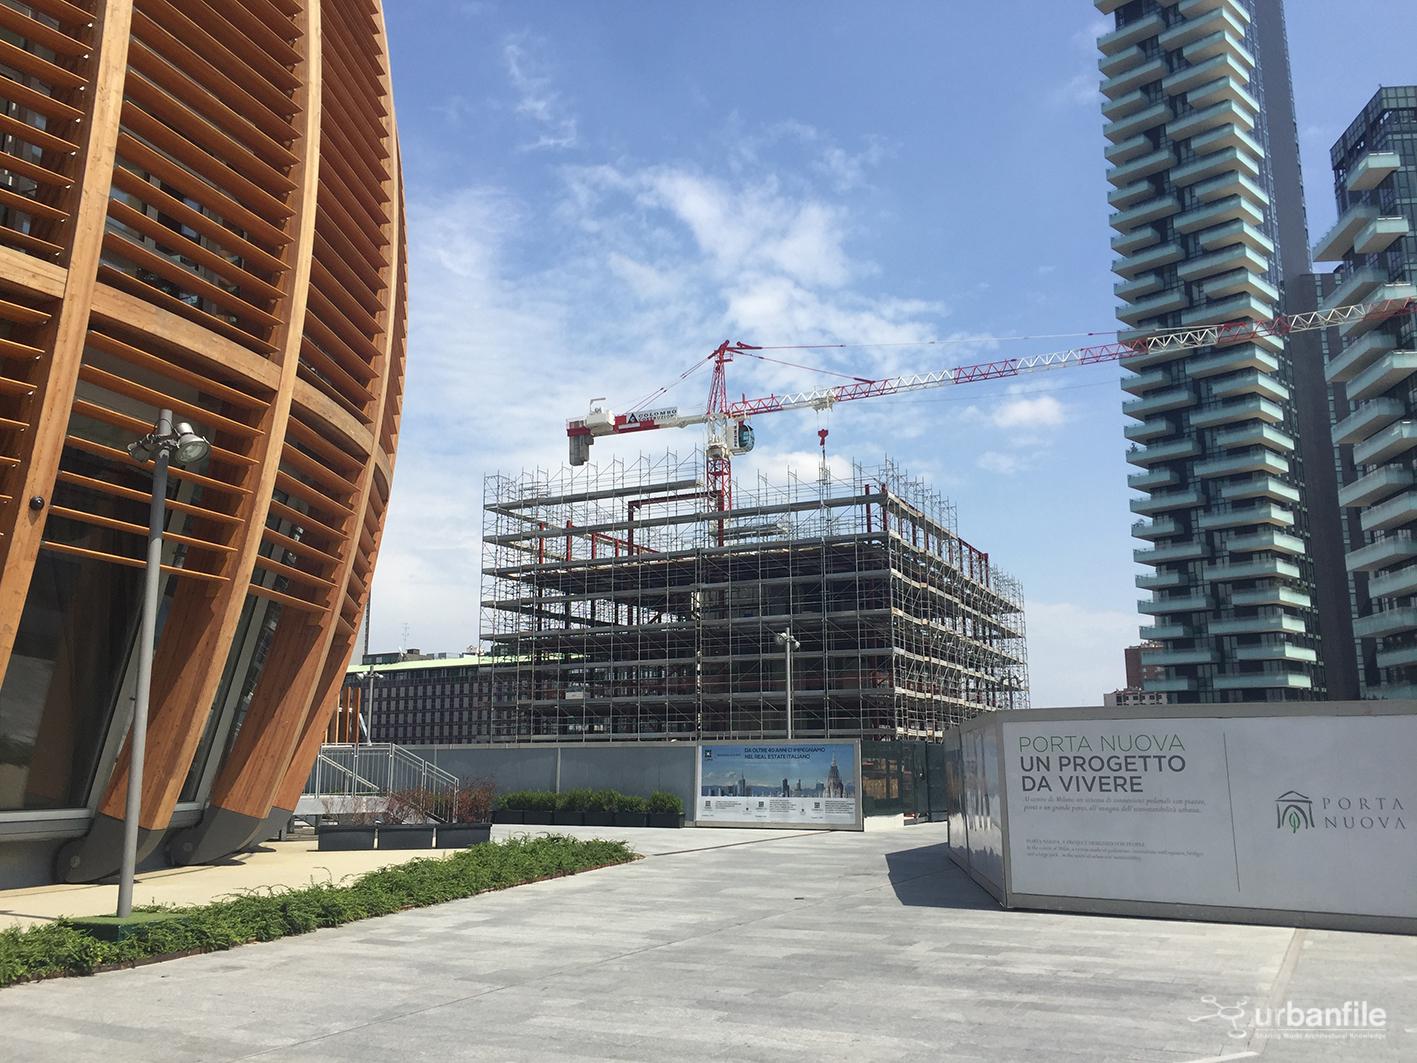 Milano porta nuova he3 aggiornamento urbanfile blog - Residenze di porta nuova ...